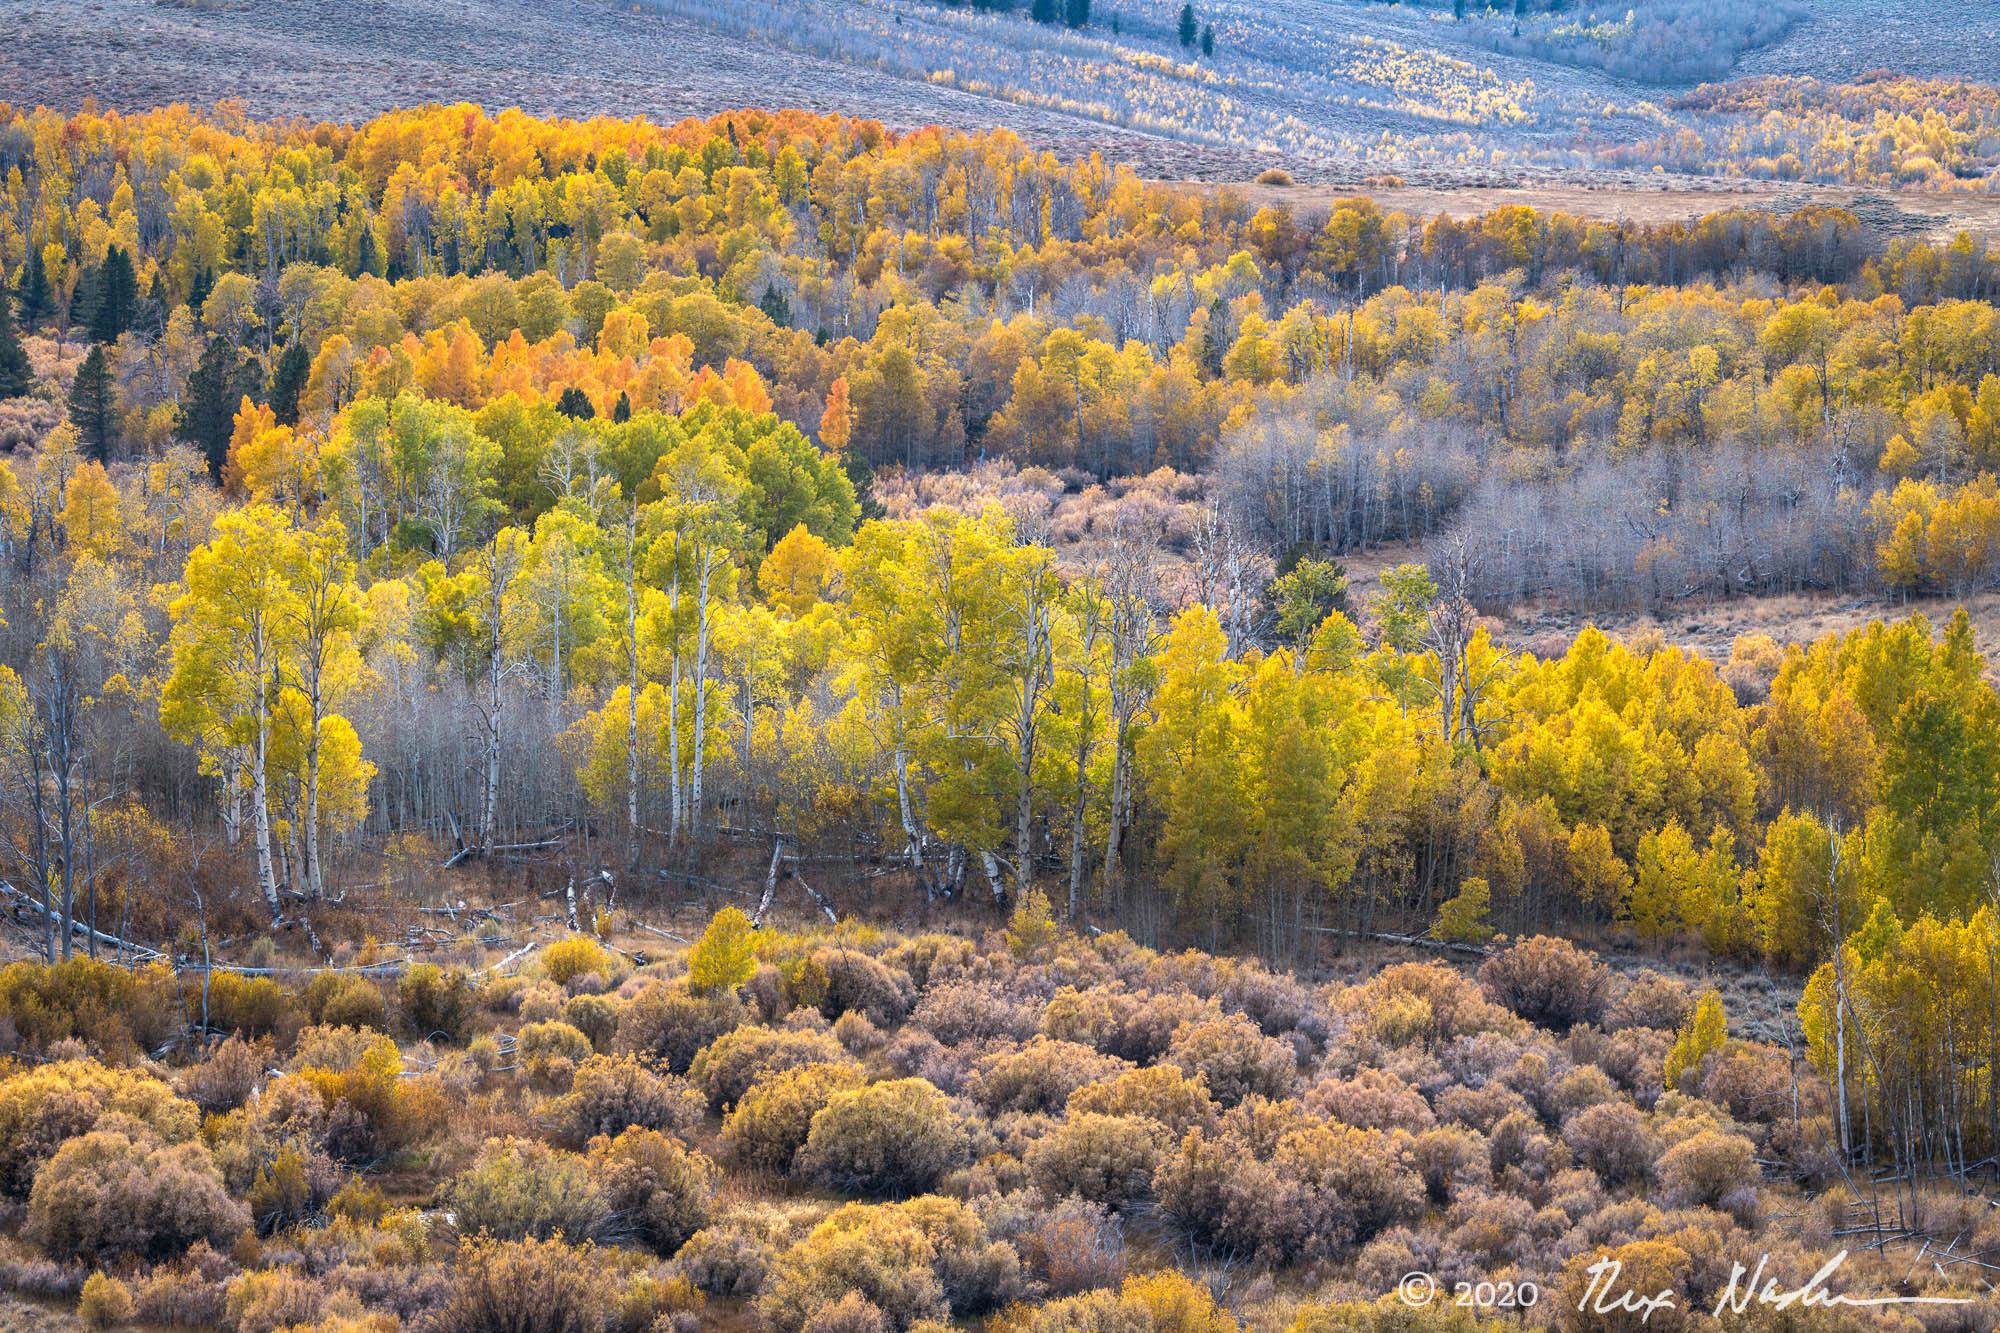 Western Valley - Eastern Sierra